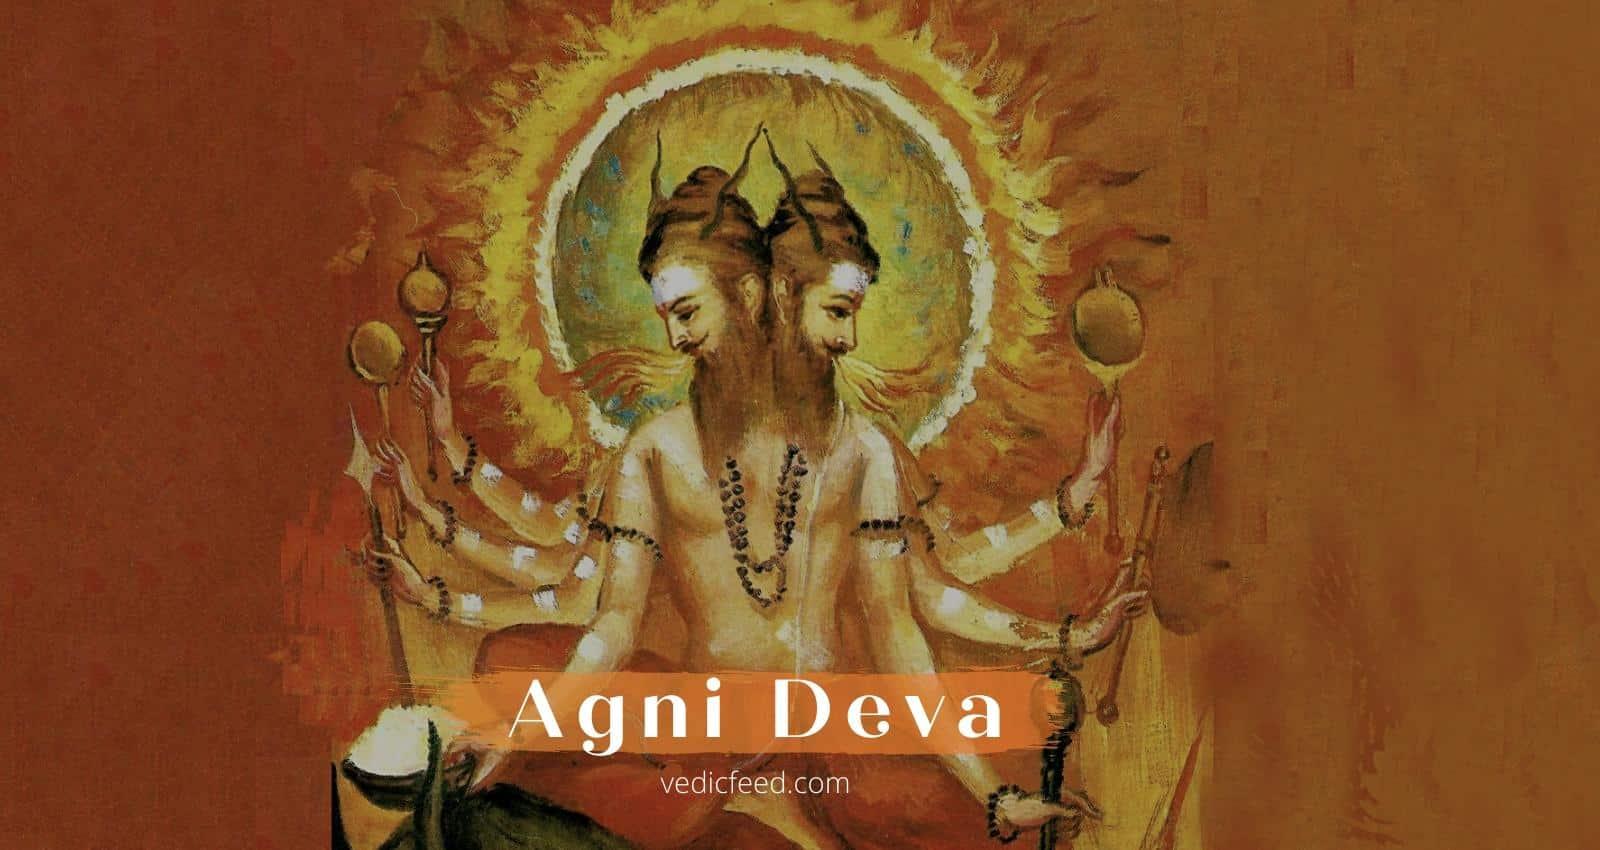 Agni Deva